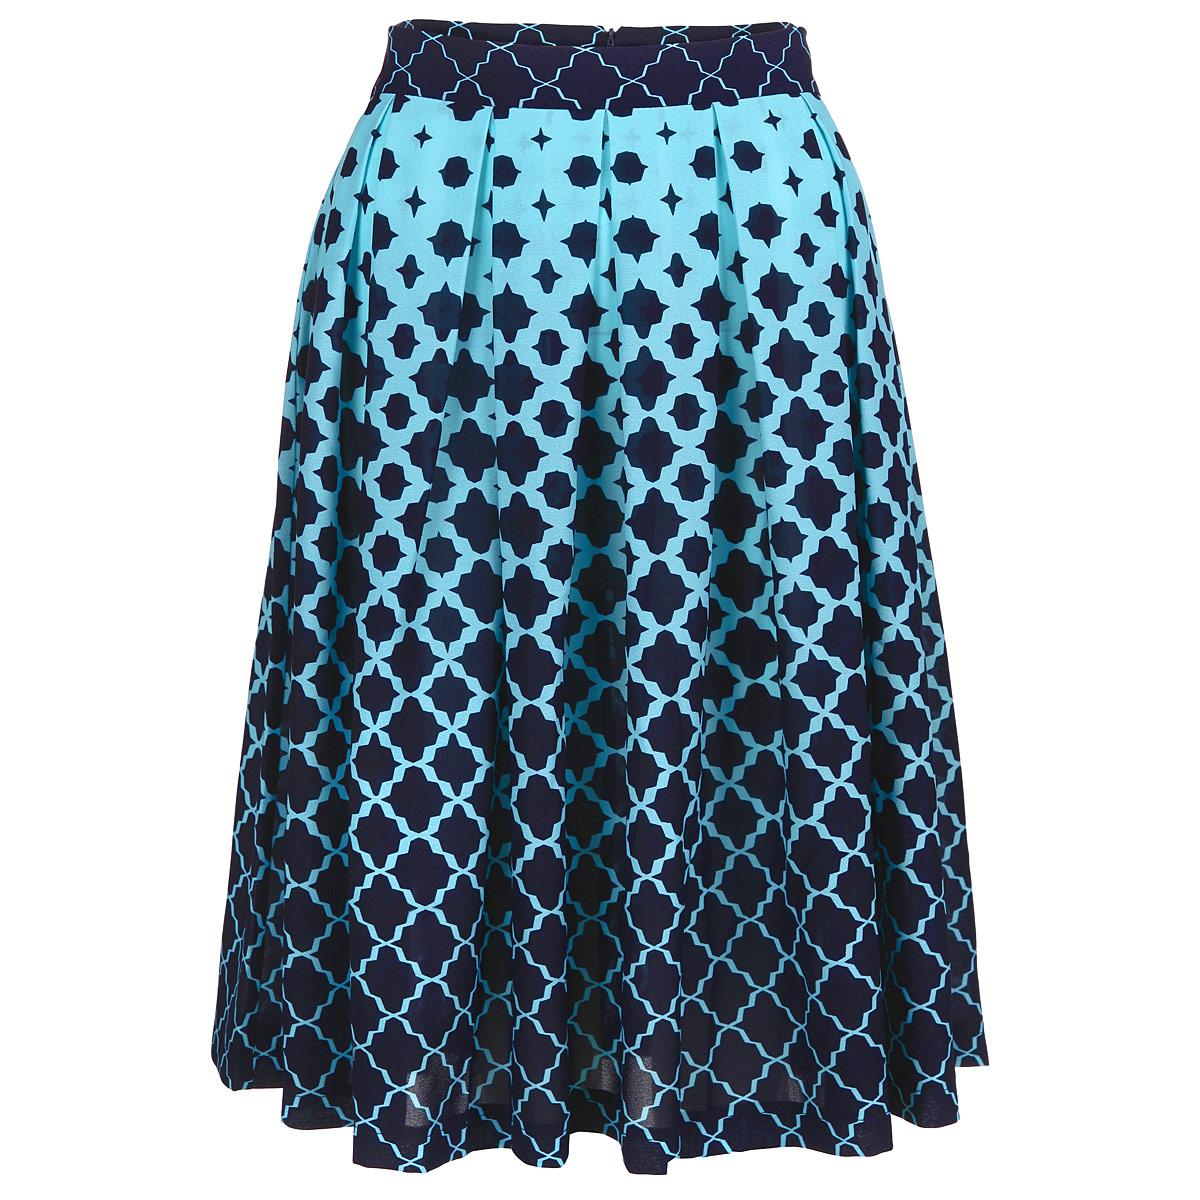 Юбка. ю0158/ю0156ю0158Очаровательная юбка от Lautus добавит женственные нотки в ваш модный образ. Модель выполнена из полиэстера с небольшим добавлением эластана. Юбка застегивается на потайную застежку-молнию, расположенную в заднем шве. Изящная модель с посадкой на талии подчеркнет красоту и стройность ваших ног, сделает ваш образ более хрупким. Изделие оформлено модным контрастным принтом. Стильная юбка - основа гардероба настоящей леди. Она подчеркнет ваше отменное чувство стиля и безупречный вкус!